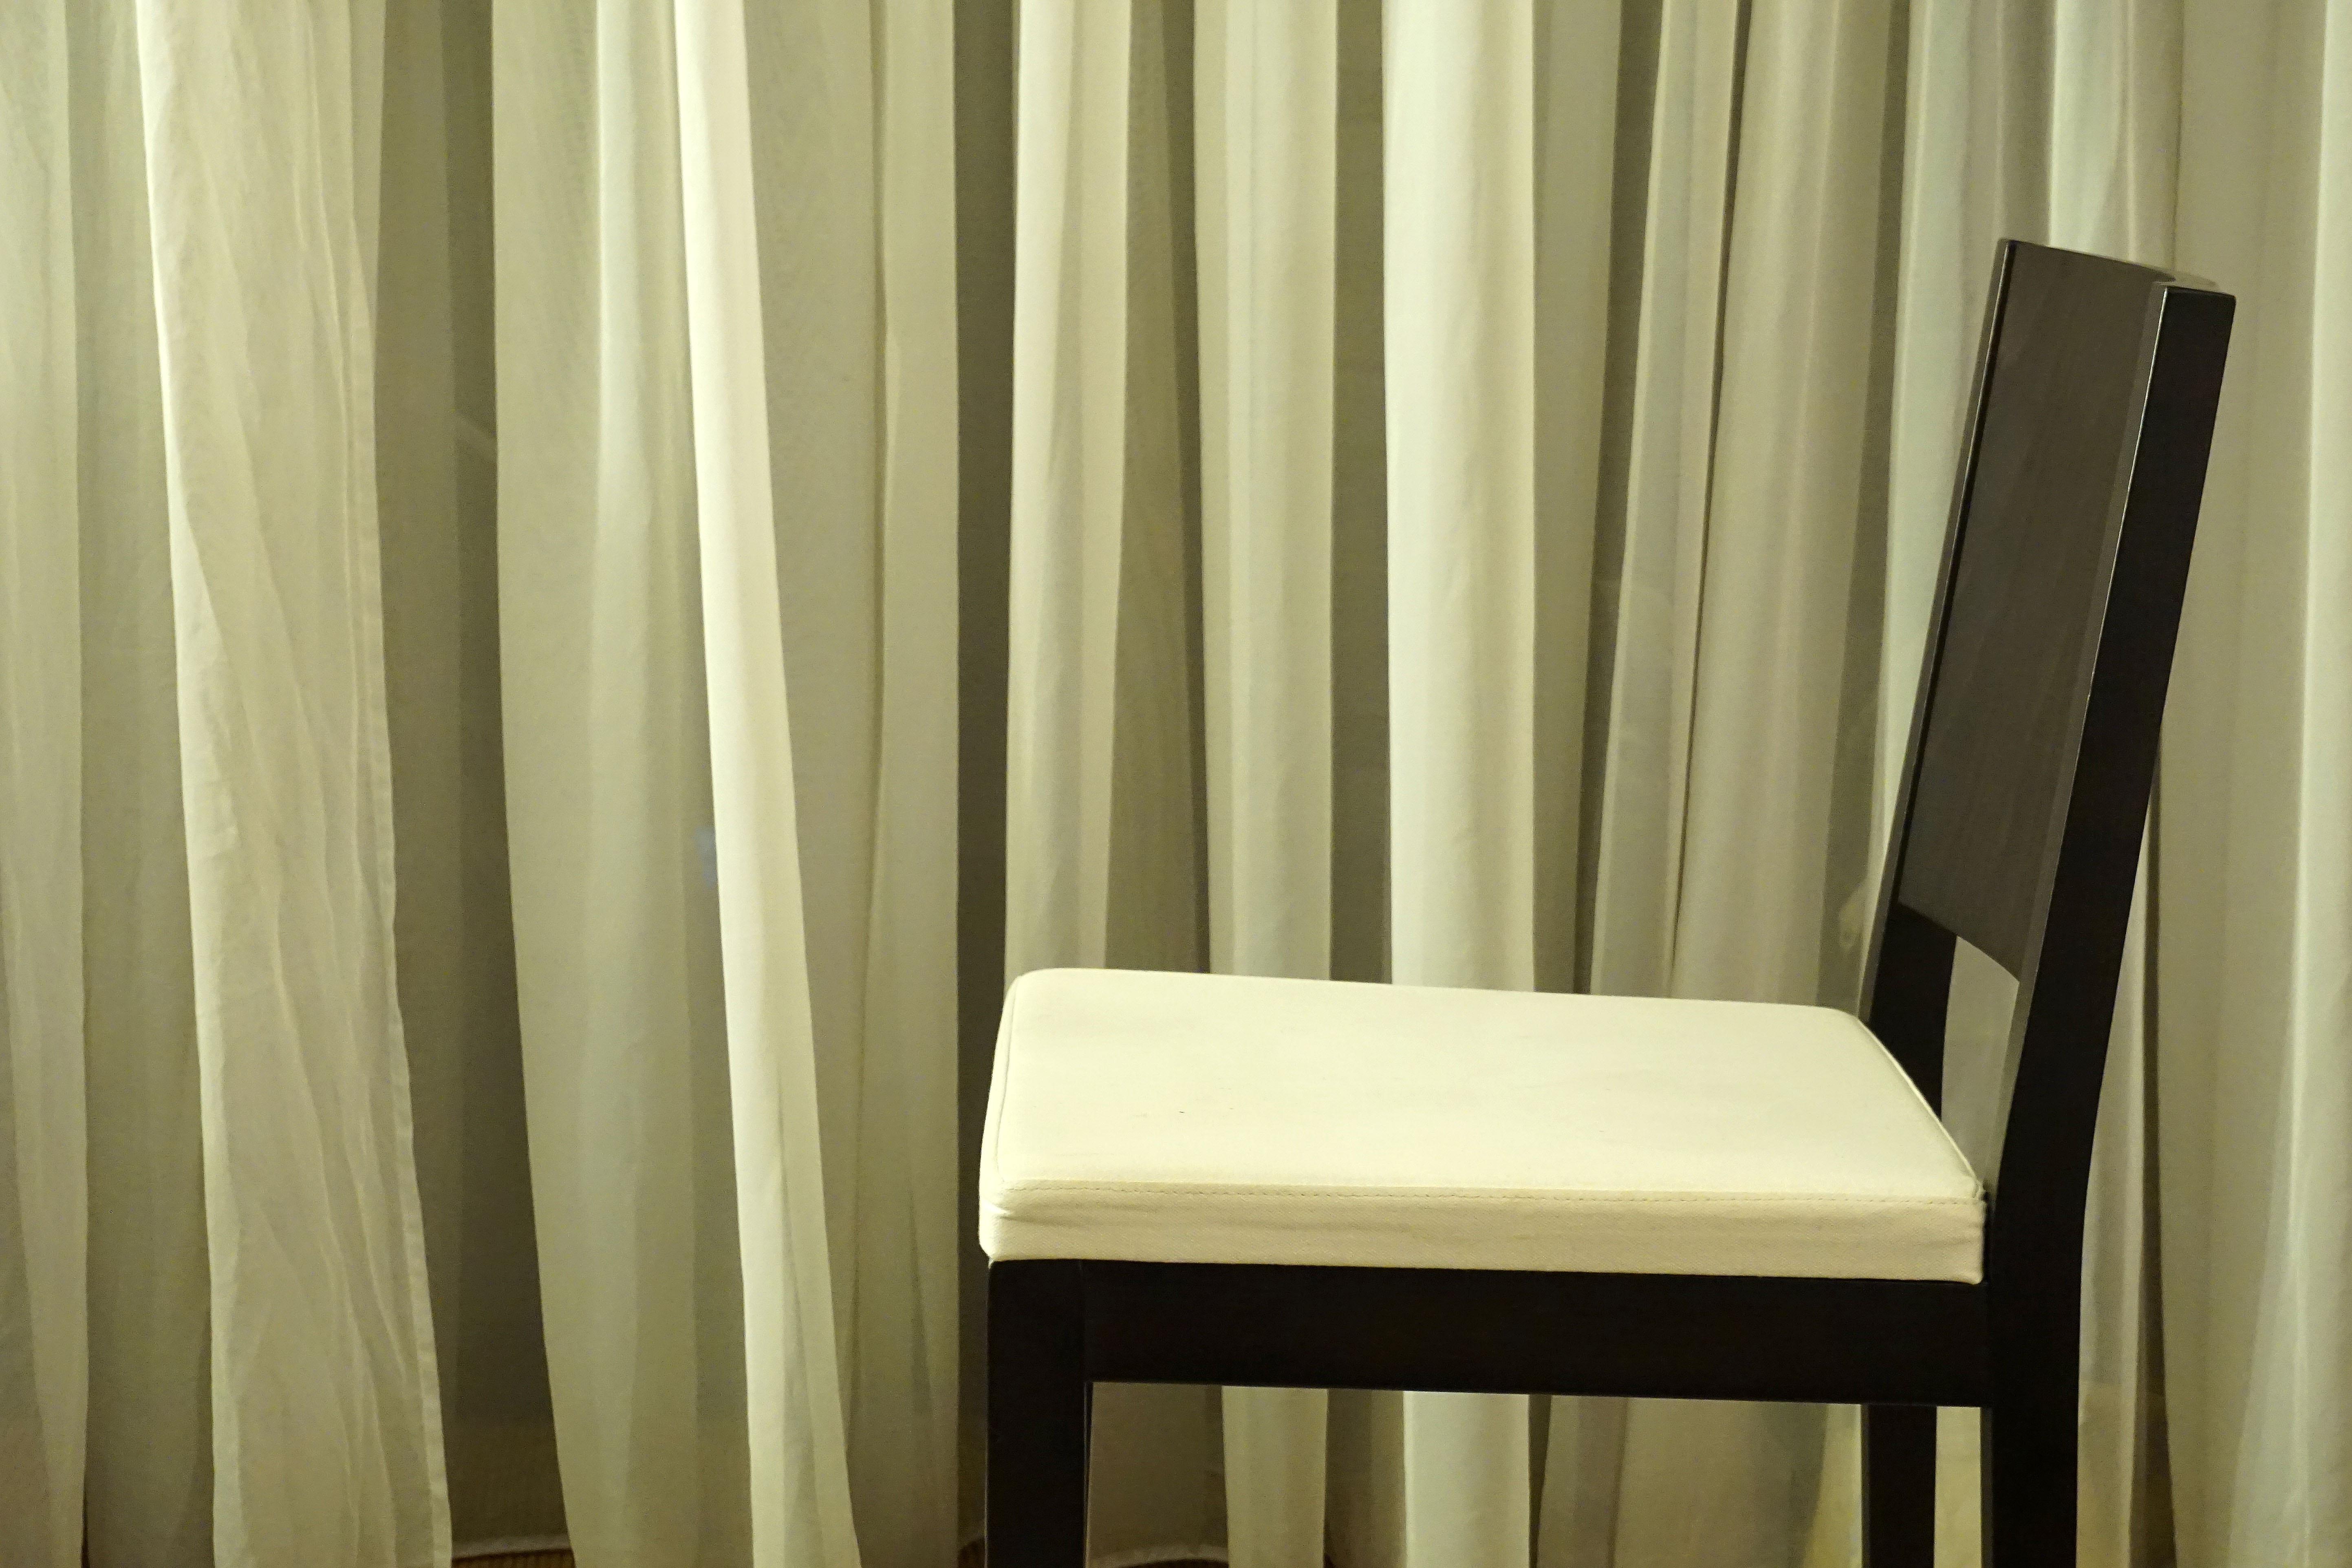 Gratis afbeeldingen nacht stoel gordijn meubilair kamer decor room materiaal modern - Stoel volwassen kamer ...